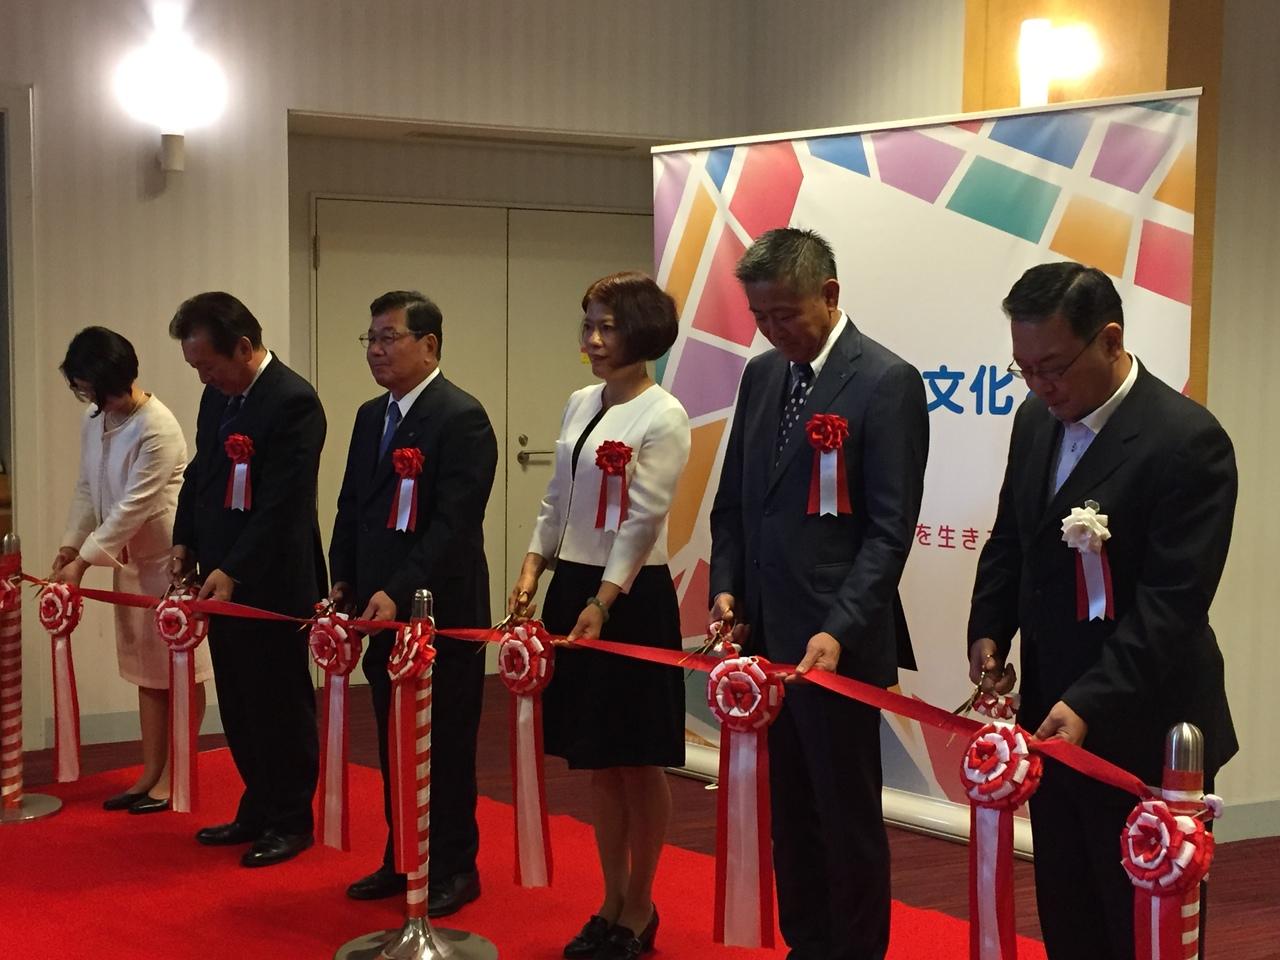 長崎創価学会 平和の文化と希望展